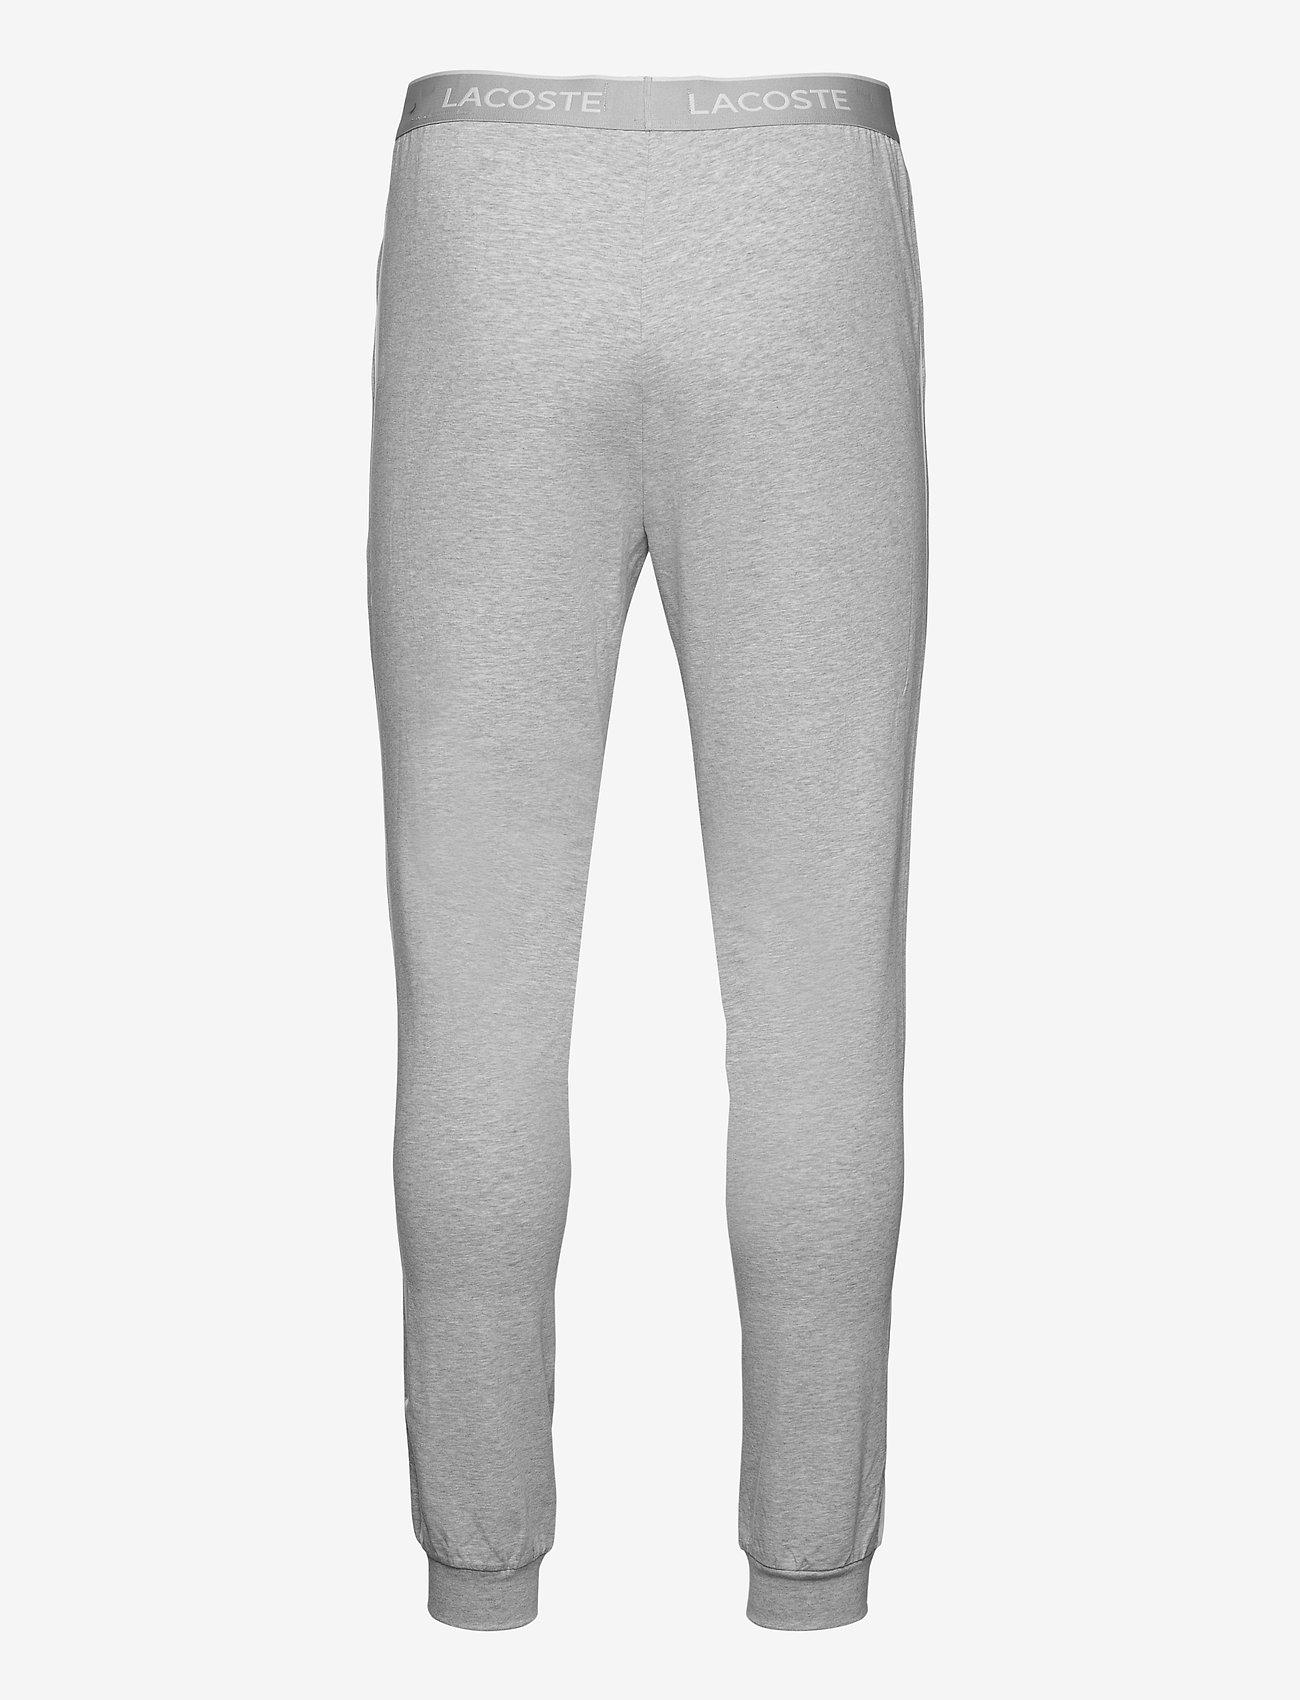 Lacoste - Pyjamas pants men - pyjama's - silver chine/white - 1